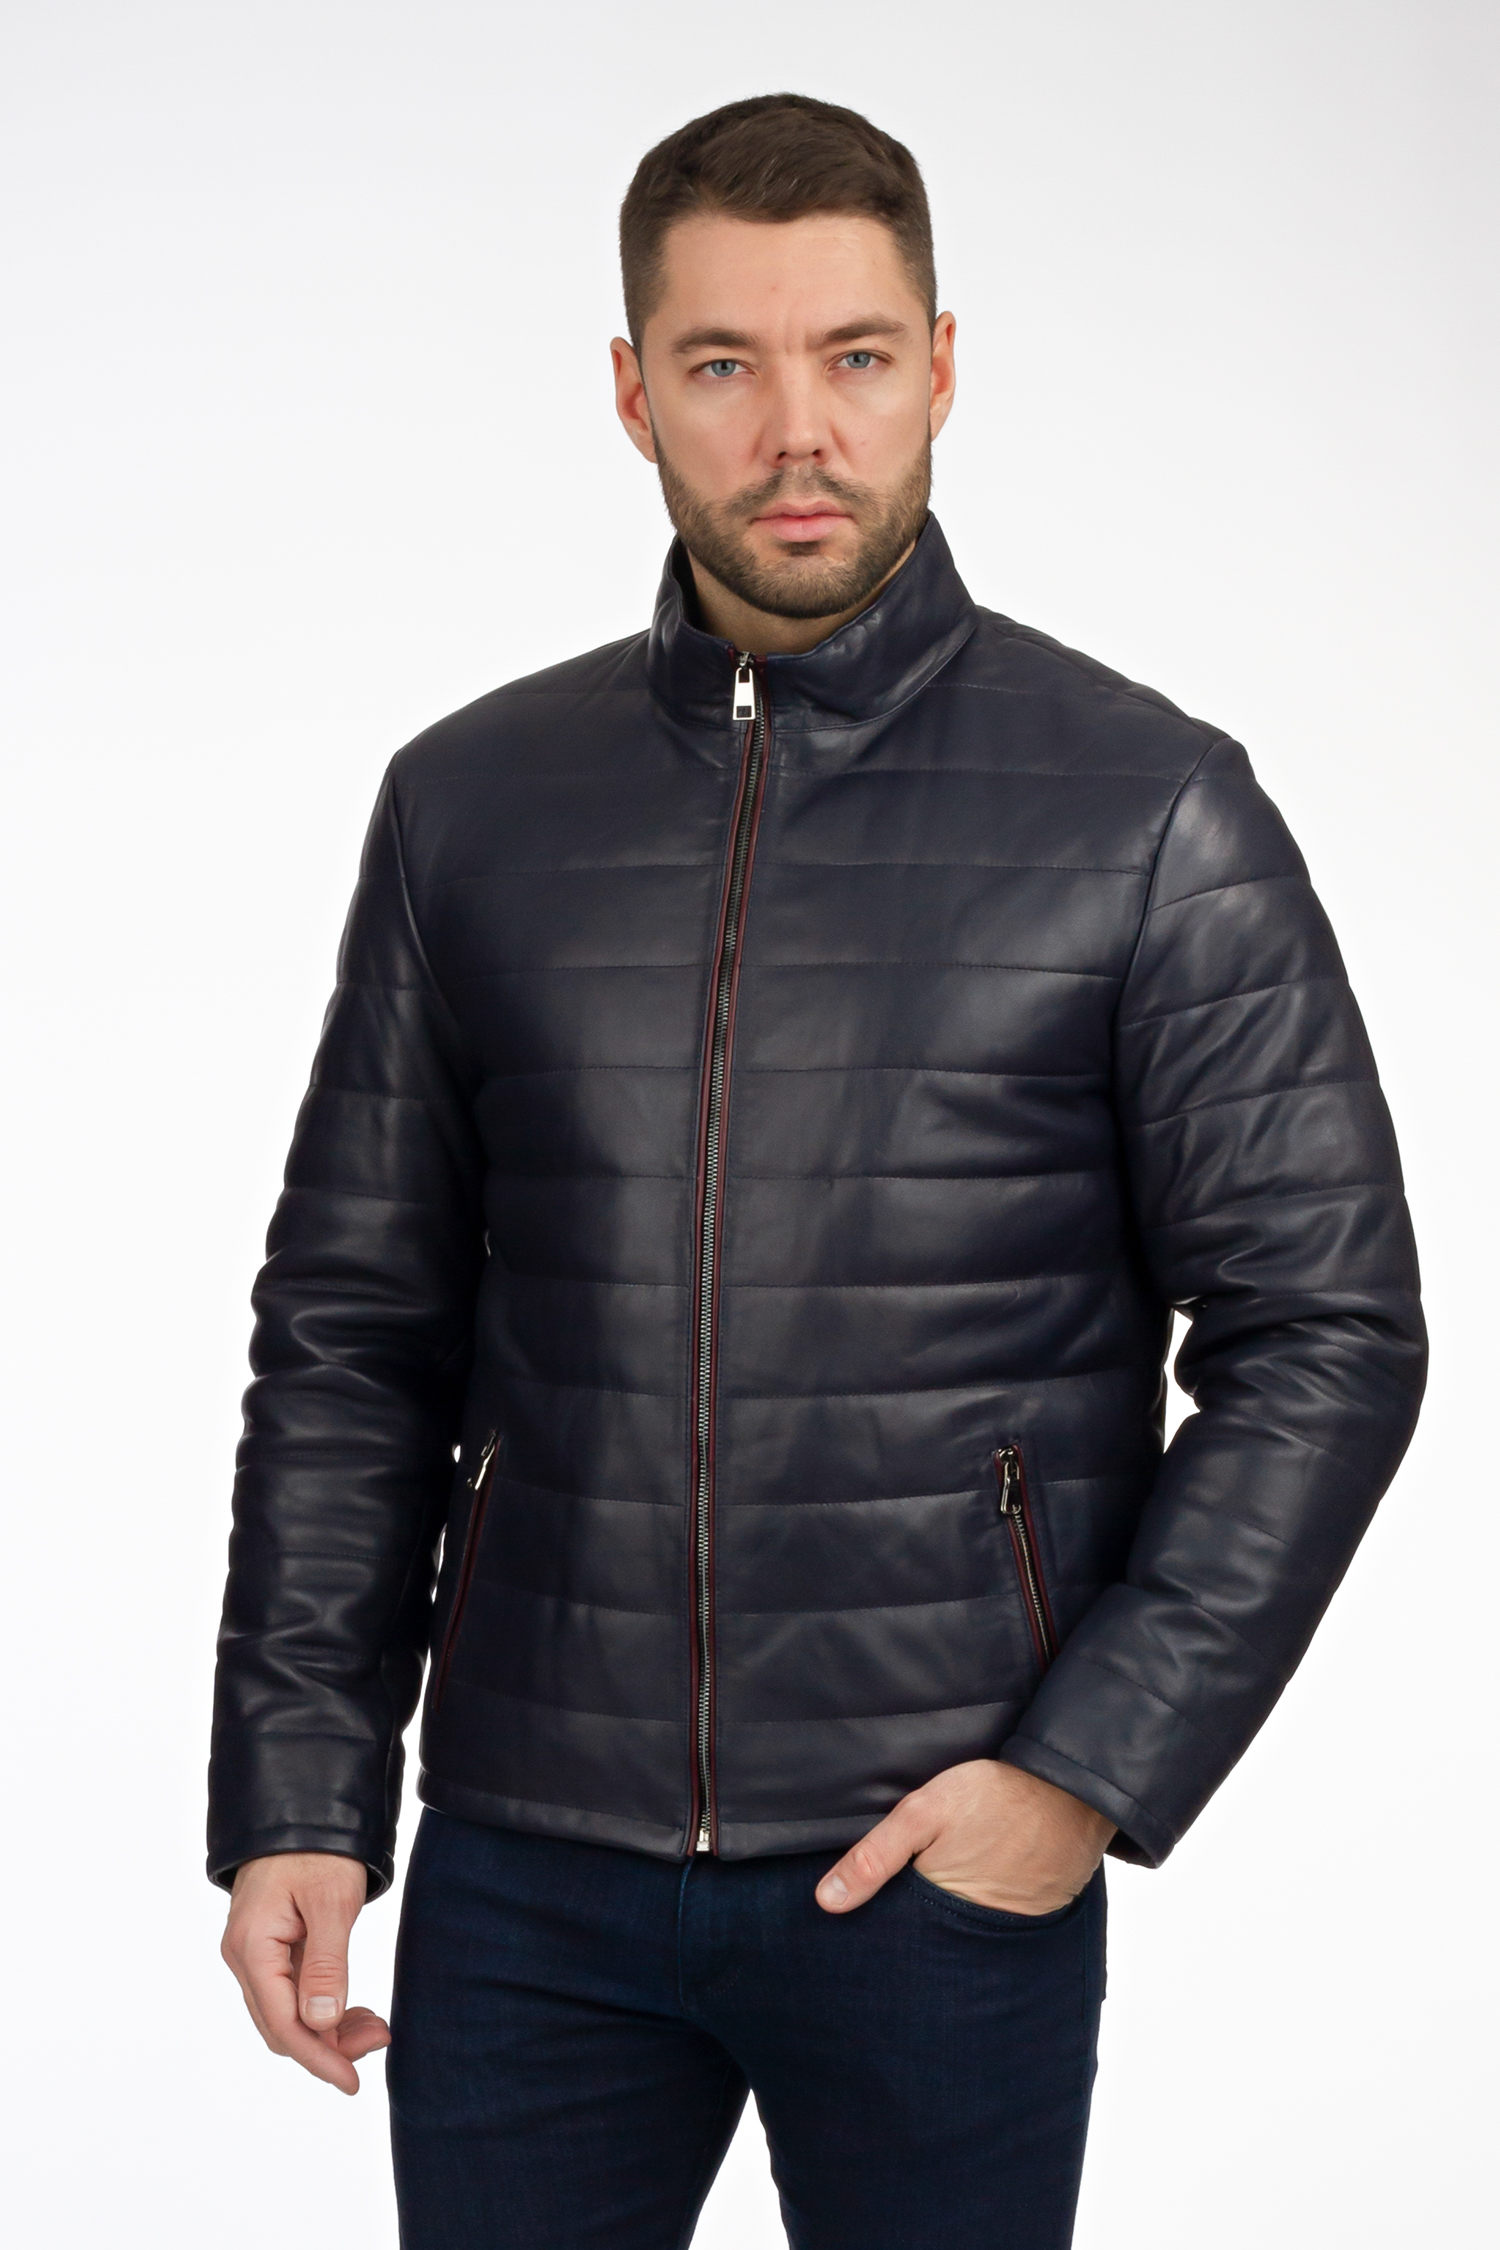 7a1dd9adbb5 Мужские кожаные куртки Jorg Weber в Москве купить в интернет ...